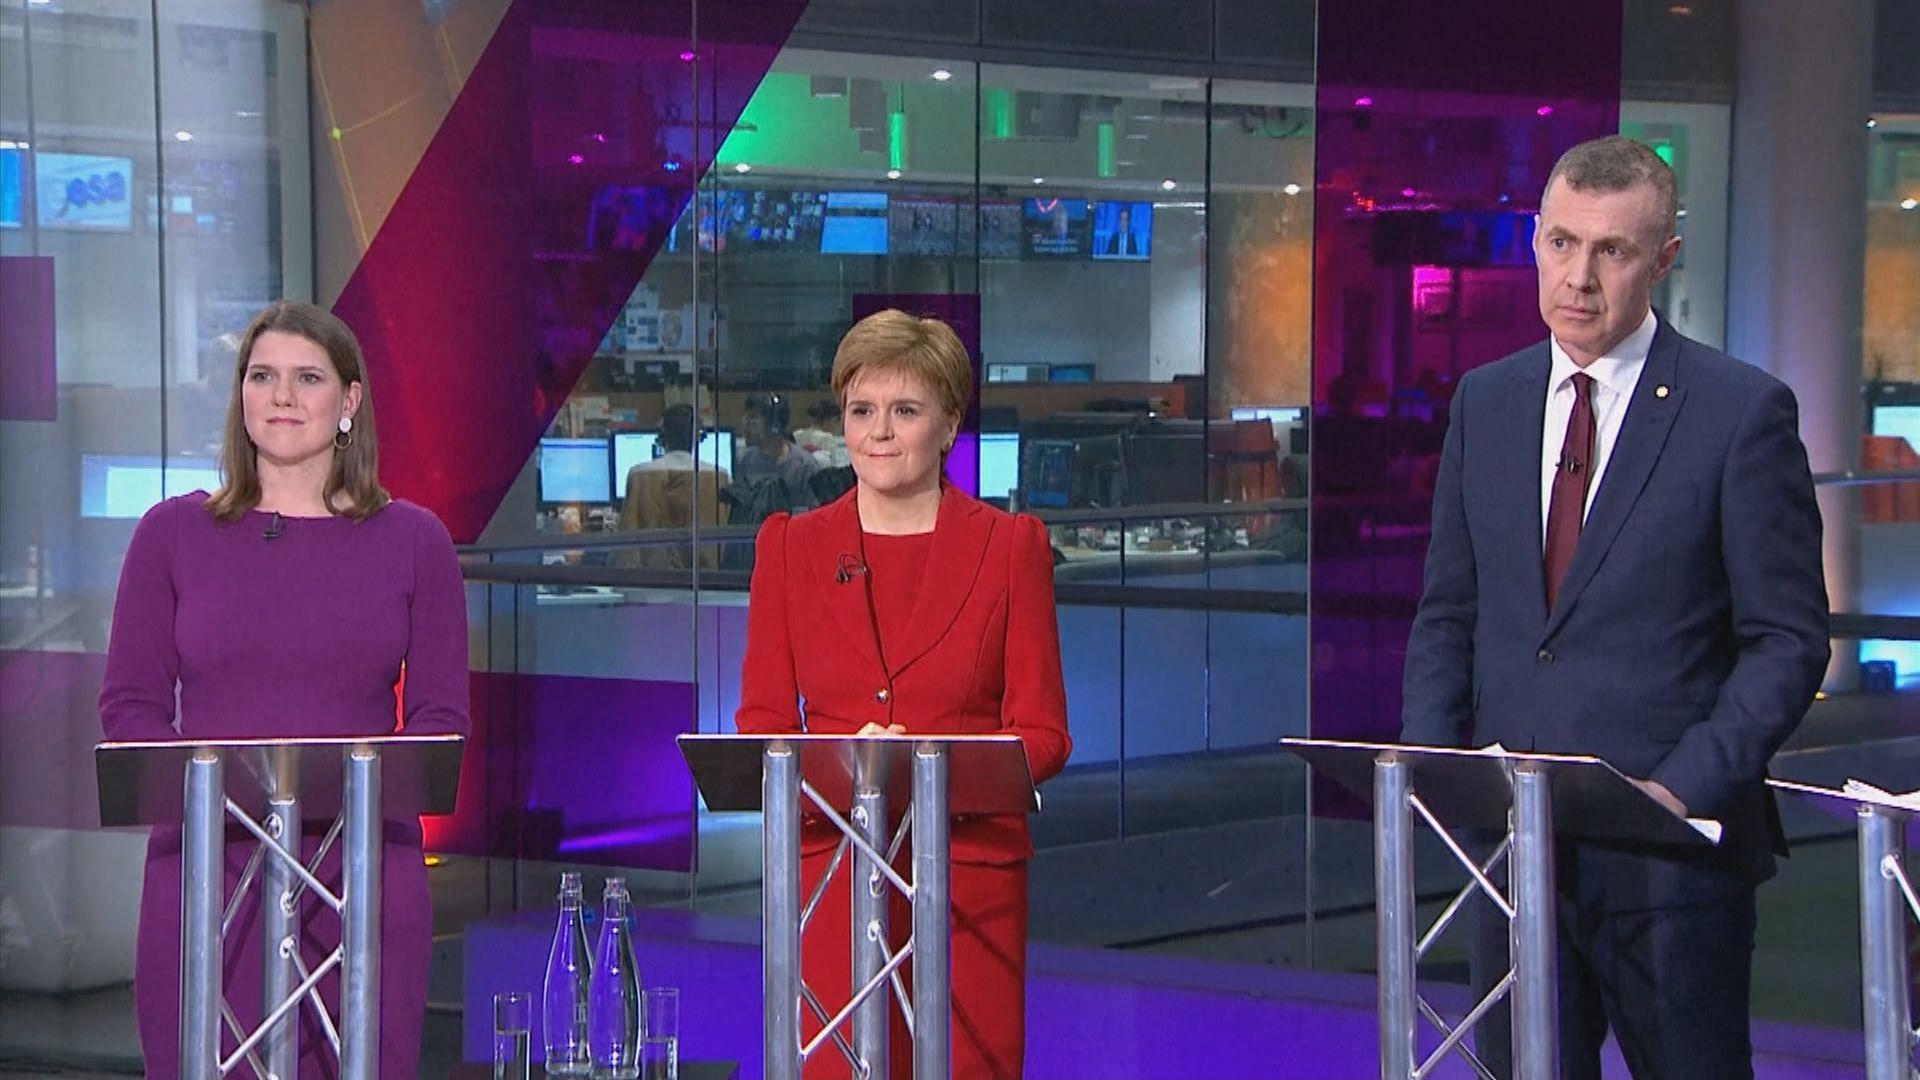 英國第四頻道拒保守黨改派閣員替約翰遜出席電視辯論